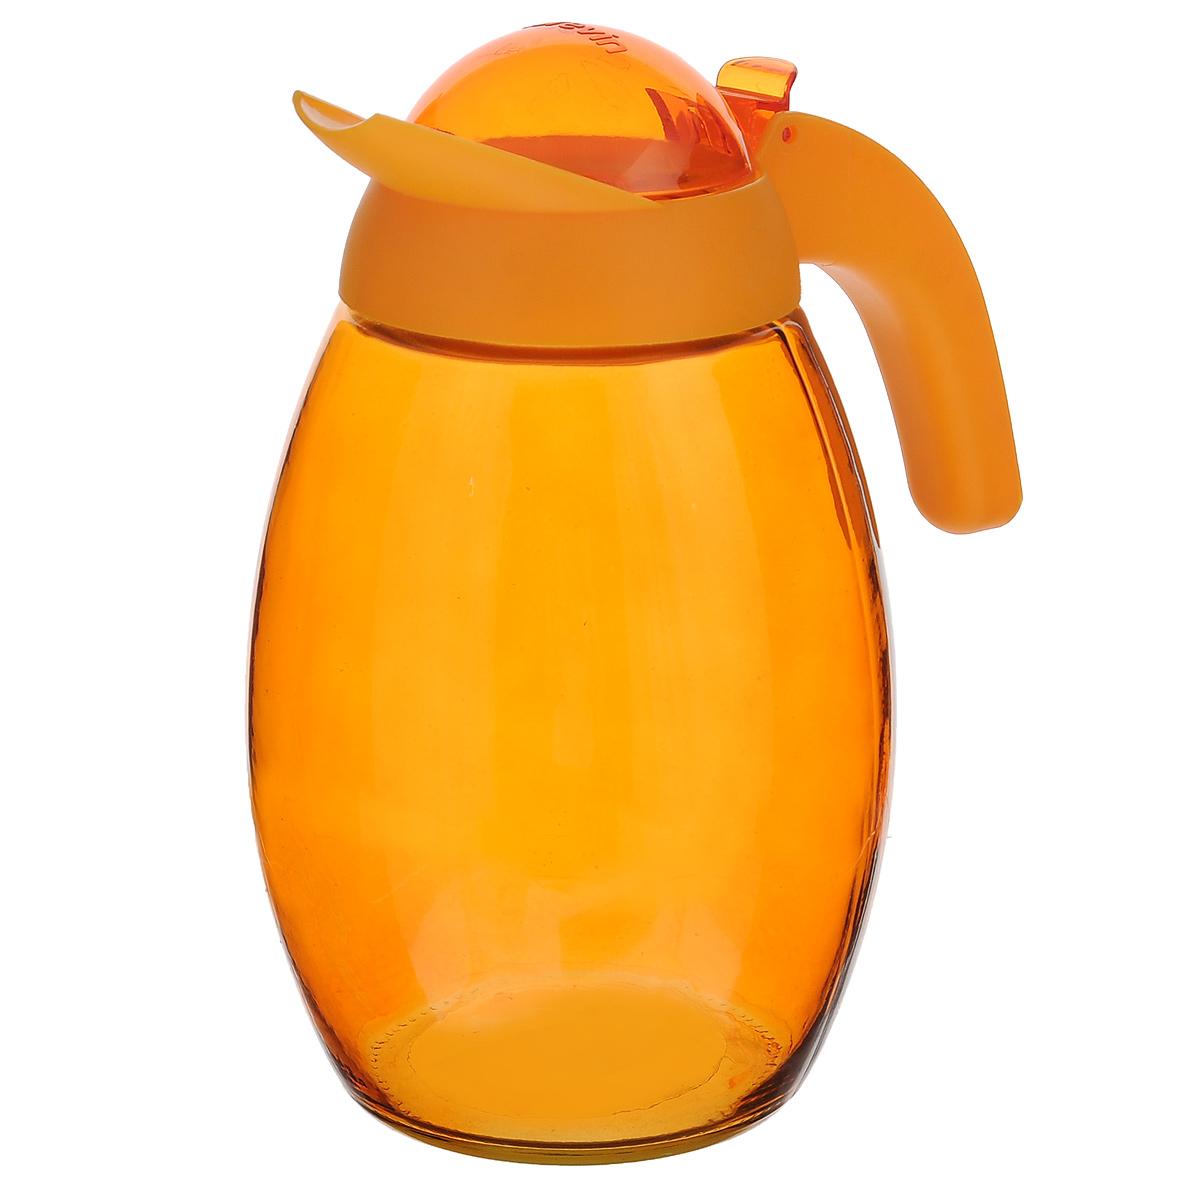 Кувшин Herevin с крышкой, цвет: оранжевый, 1,6 л. 111311VT-1520(SR)Кувшин Herevin, выполненный из высококачественного прочного стекла, элегантно украсит ваш стол. Кувшин оснащен удобной ручкой и завинчивающейся пластиковой крышкой. Благодаря этому внутри сохраняется герметичность, и напитки дольше остаются свежими. Кувшин прост в использовании, достаточно просто наклонить его и налить ваш любимый напиток. Цветная крышка оснащена откидным механизмом для более удобного заливания жидкостей. Изделие прекрасно подойдет для подачи воды, сока, компота и других напитков. Кувшин Herevin дополнит интерьер вашей кухни и станет замечательным подарком к любому празднику.Диаметр (по верхнему краю): 6 см.Высота кувшина (без учета крышки): 18,5 см.